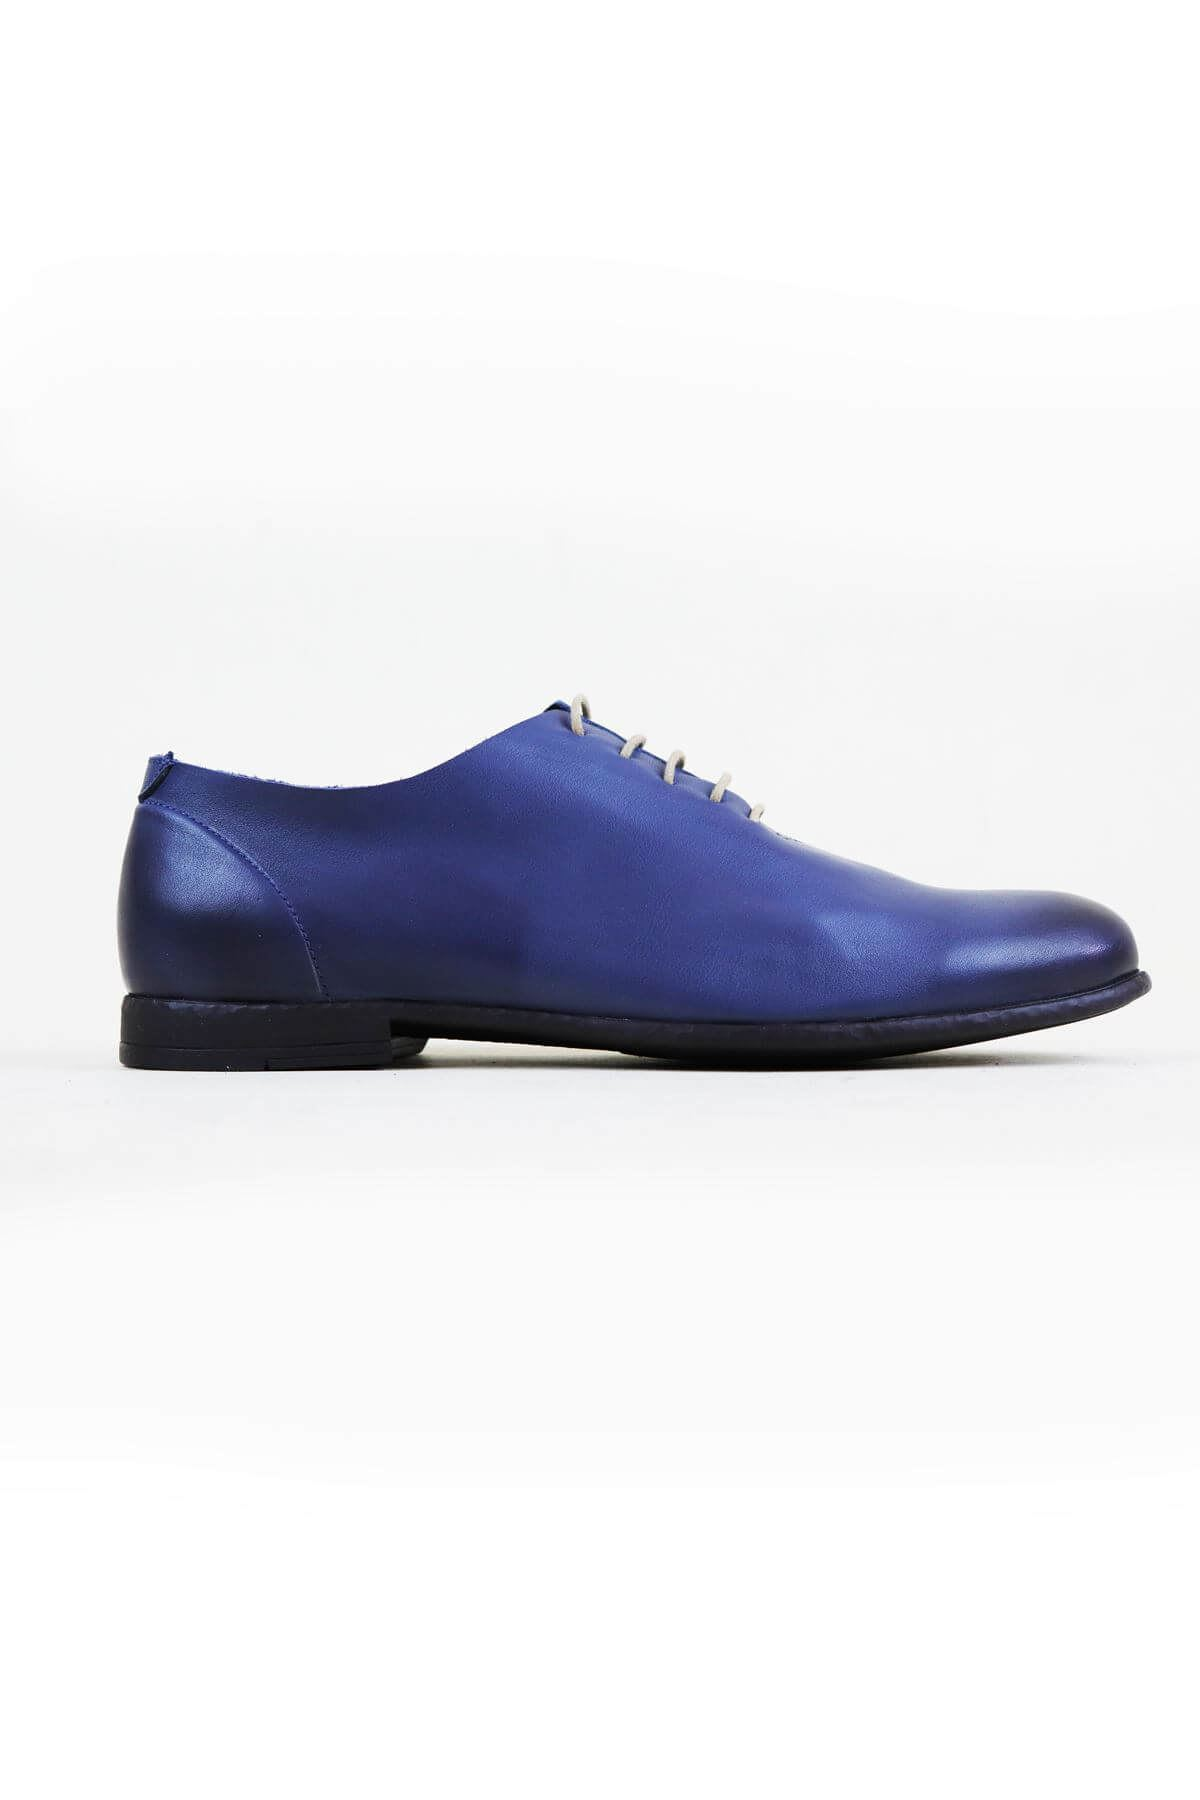 Free Foot 20350 Mavi Hakiki Deri Erkek Ayakkabısı